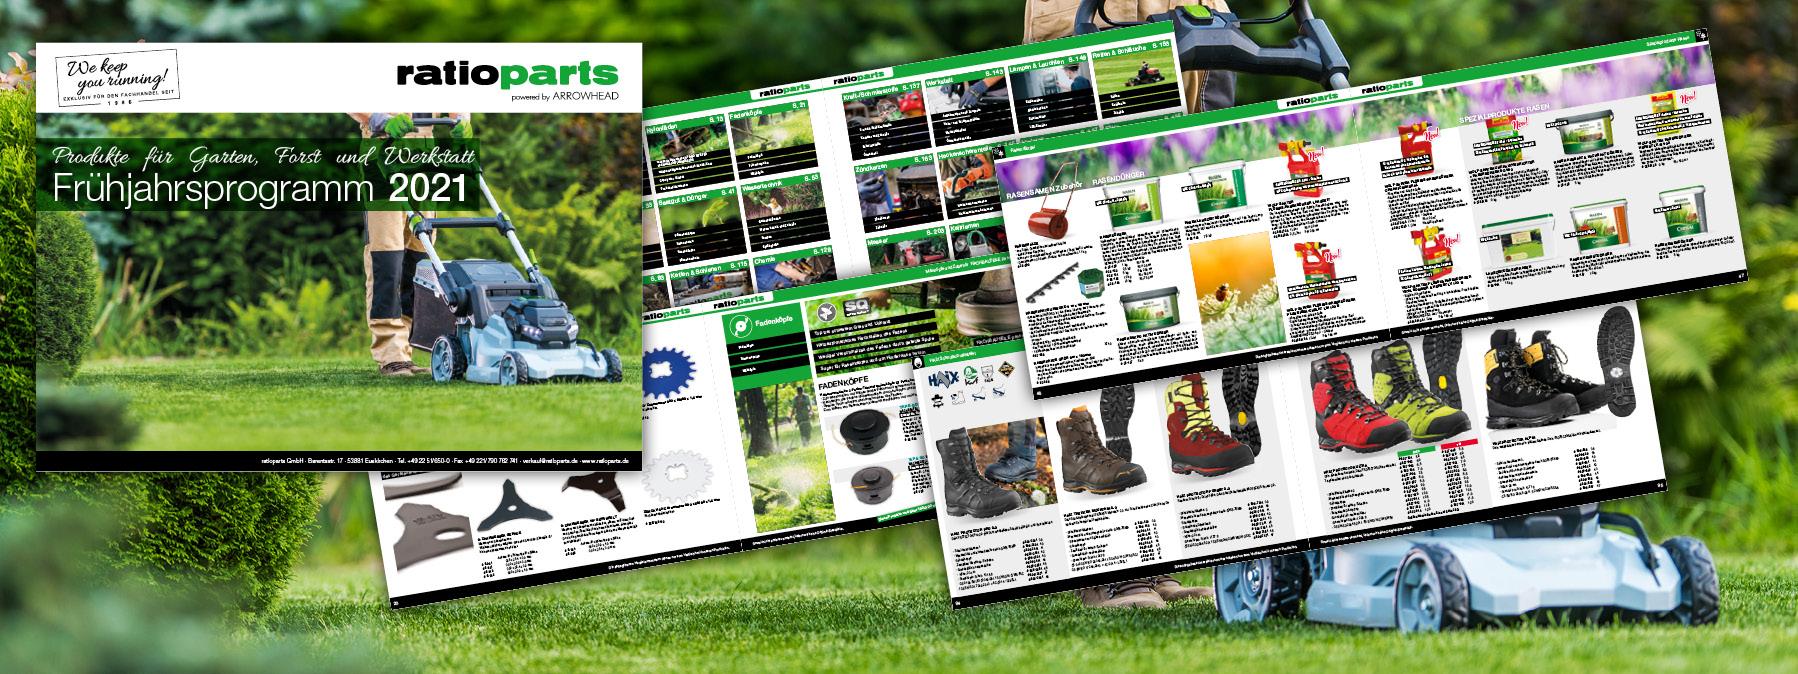 Unser Frühjahrsprogramm 2021 - Produkte für Garten, Forst und Werkstatt